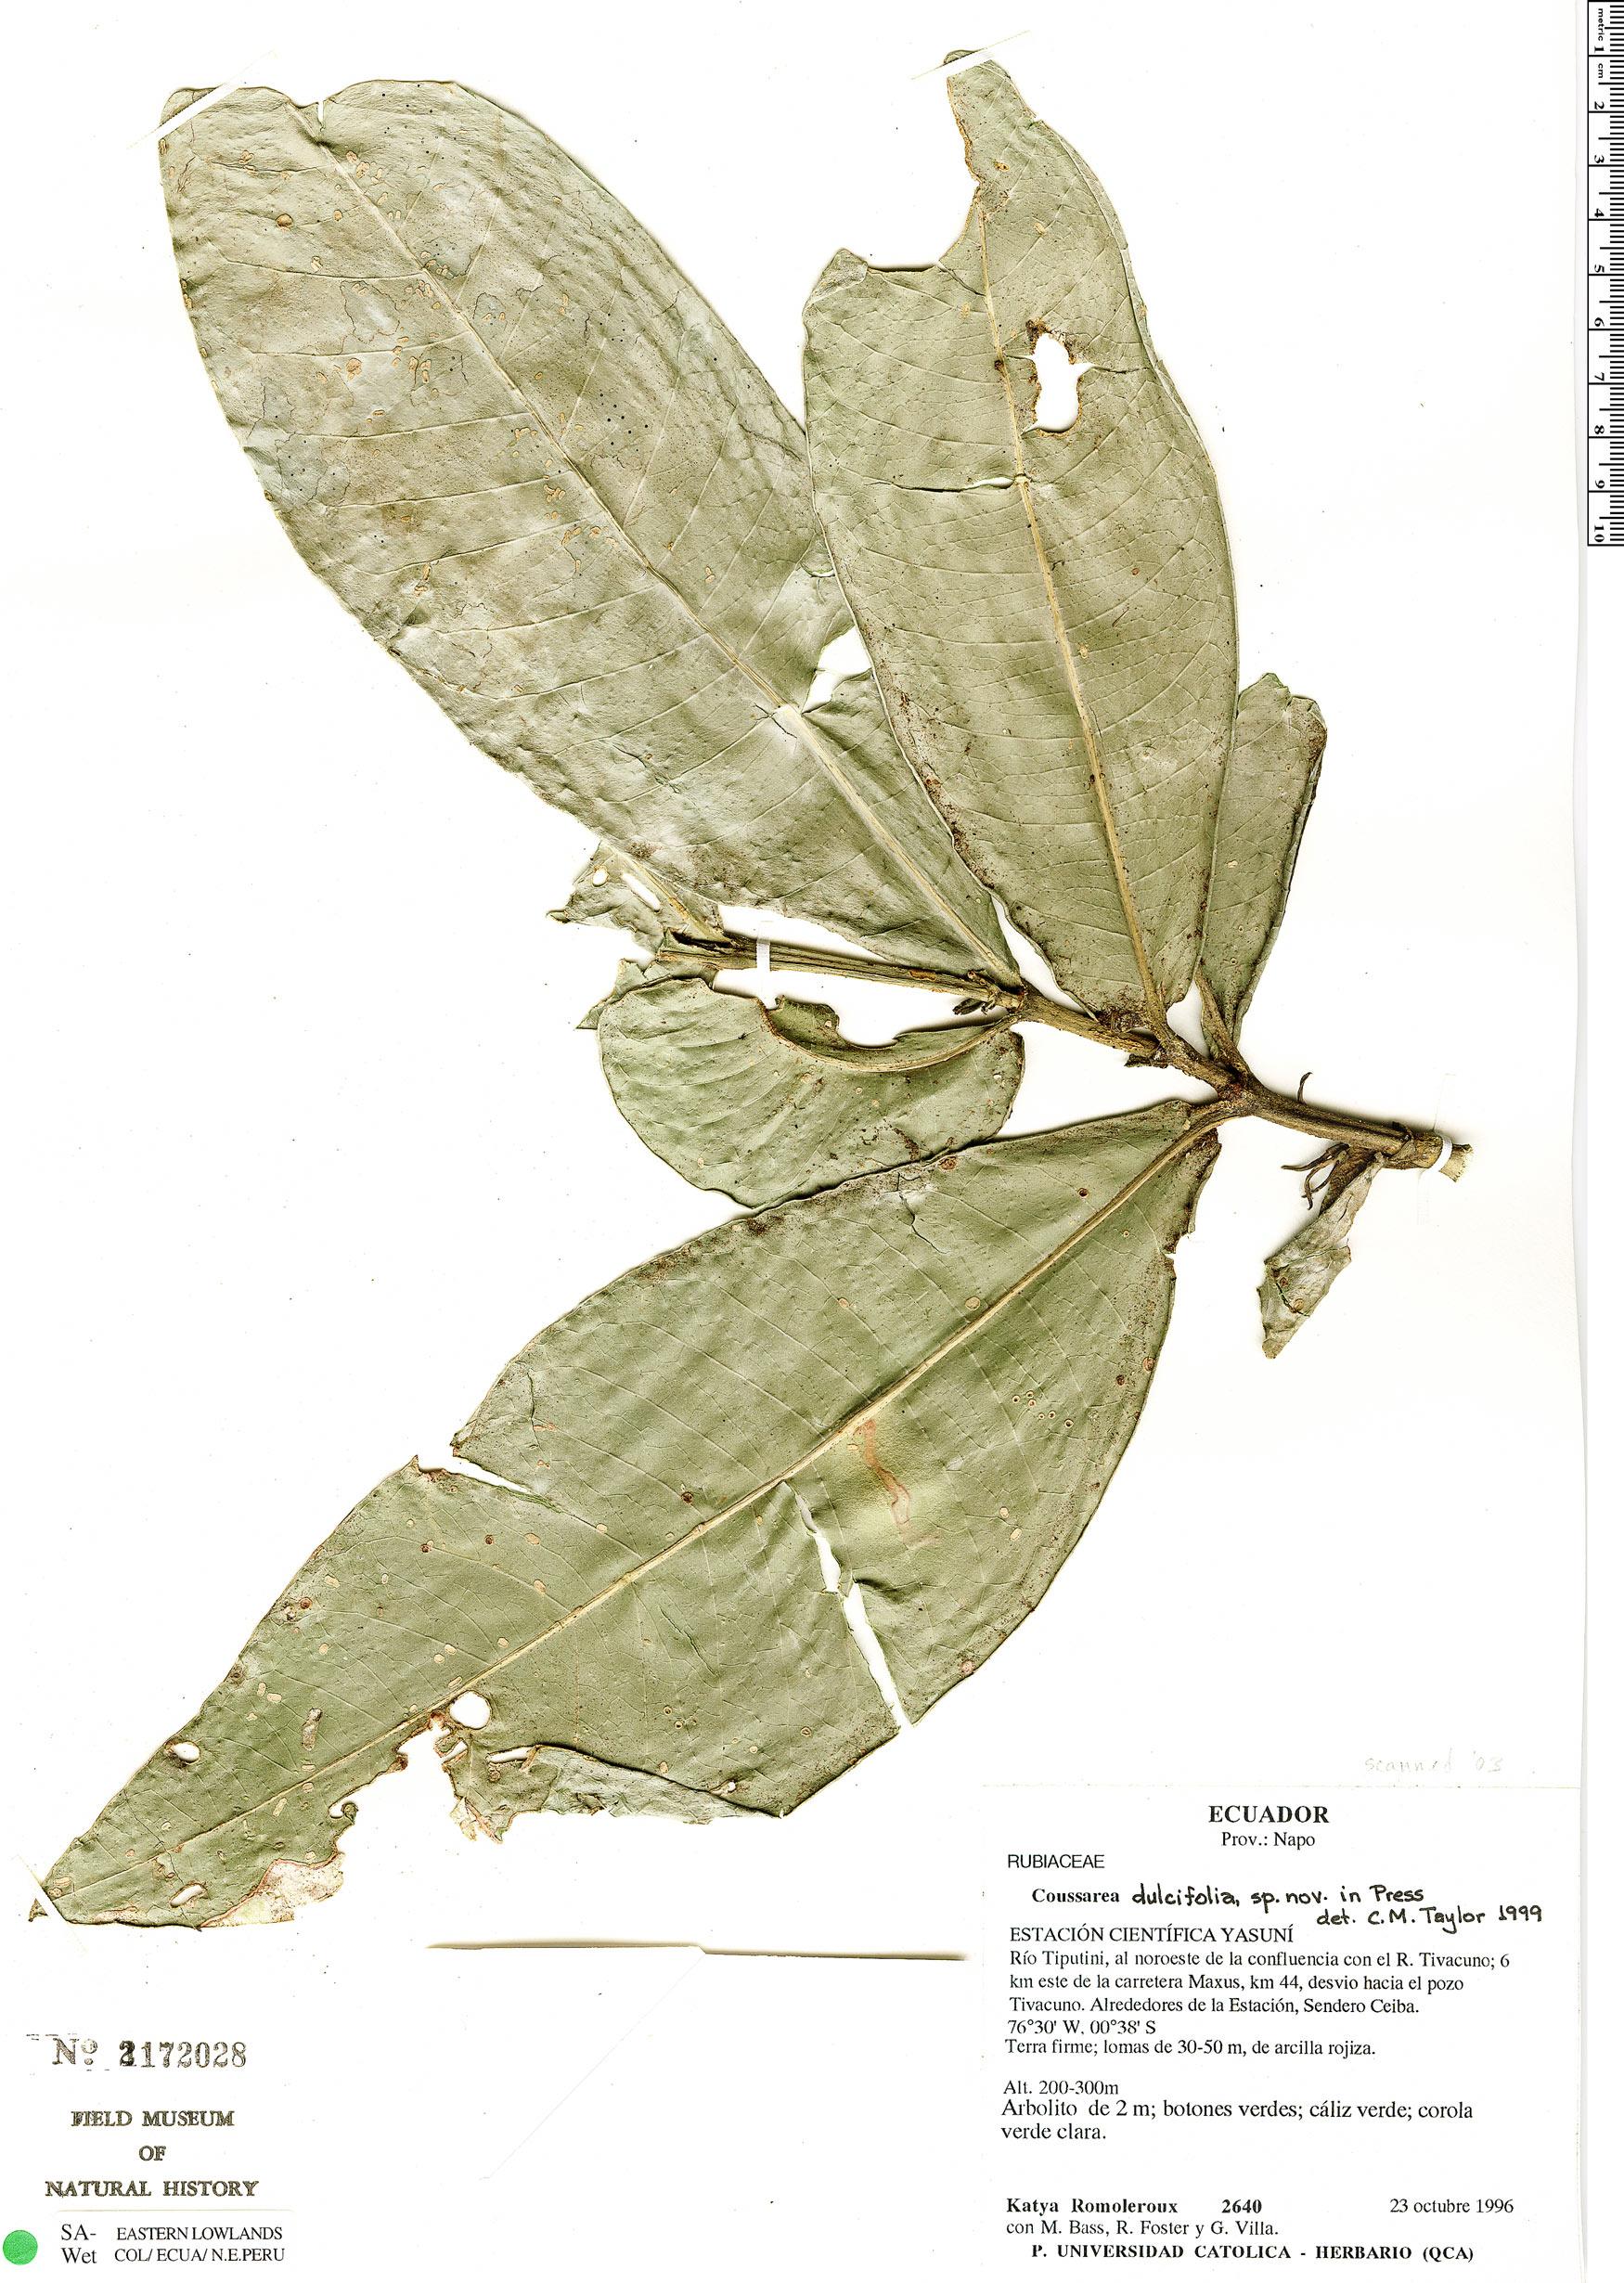 Specimen: Coussarea dulcifolia